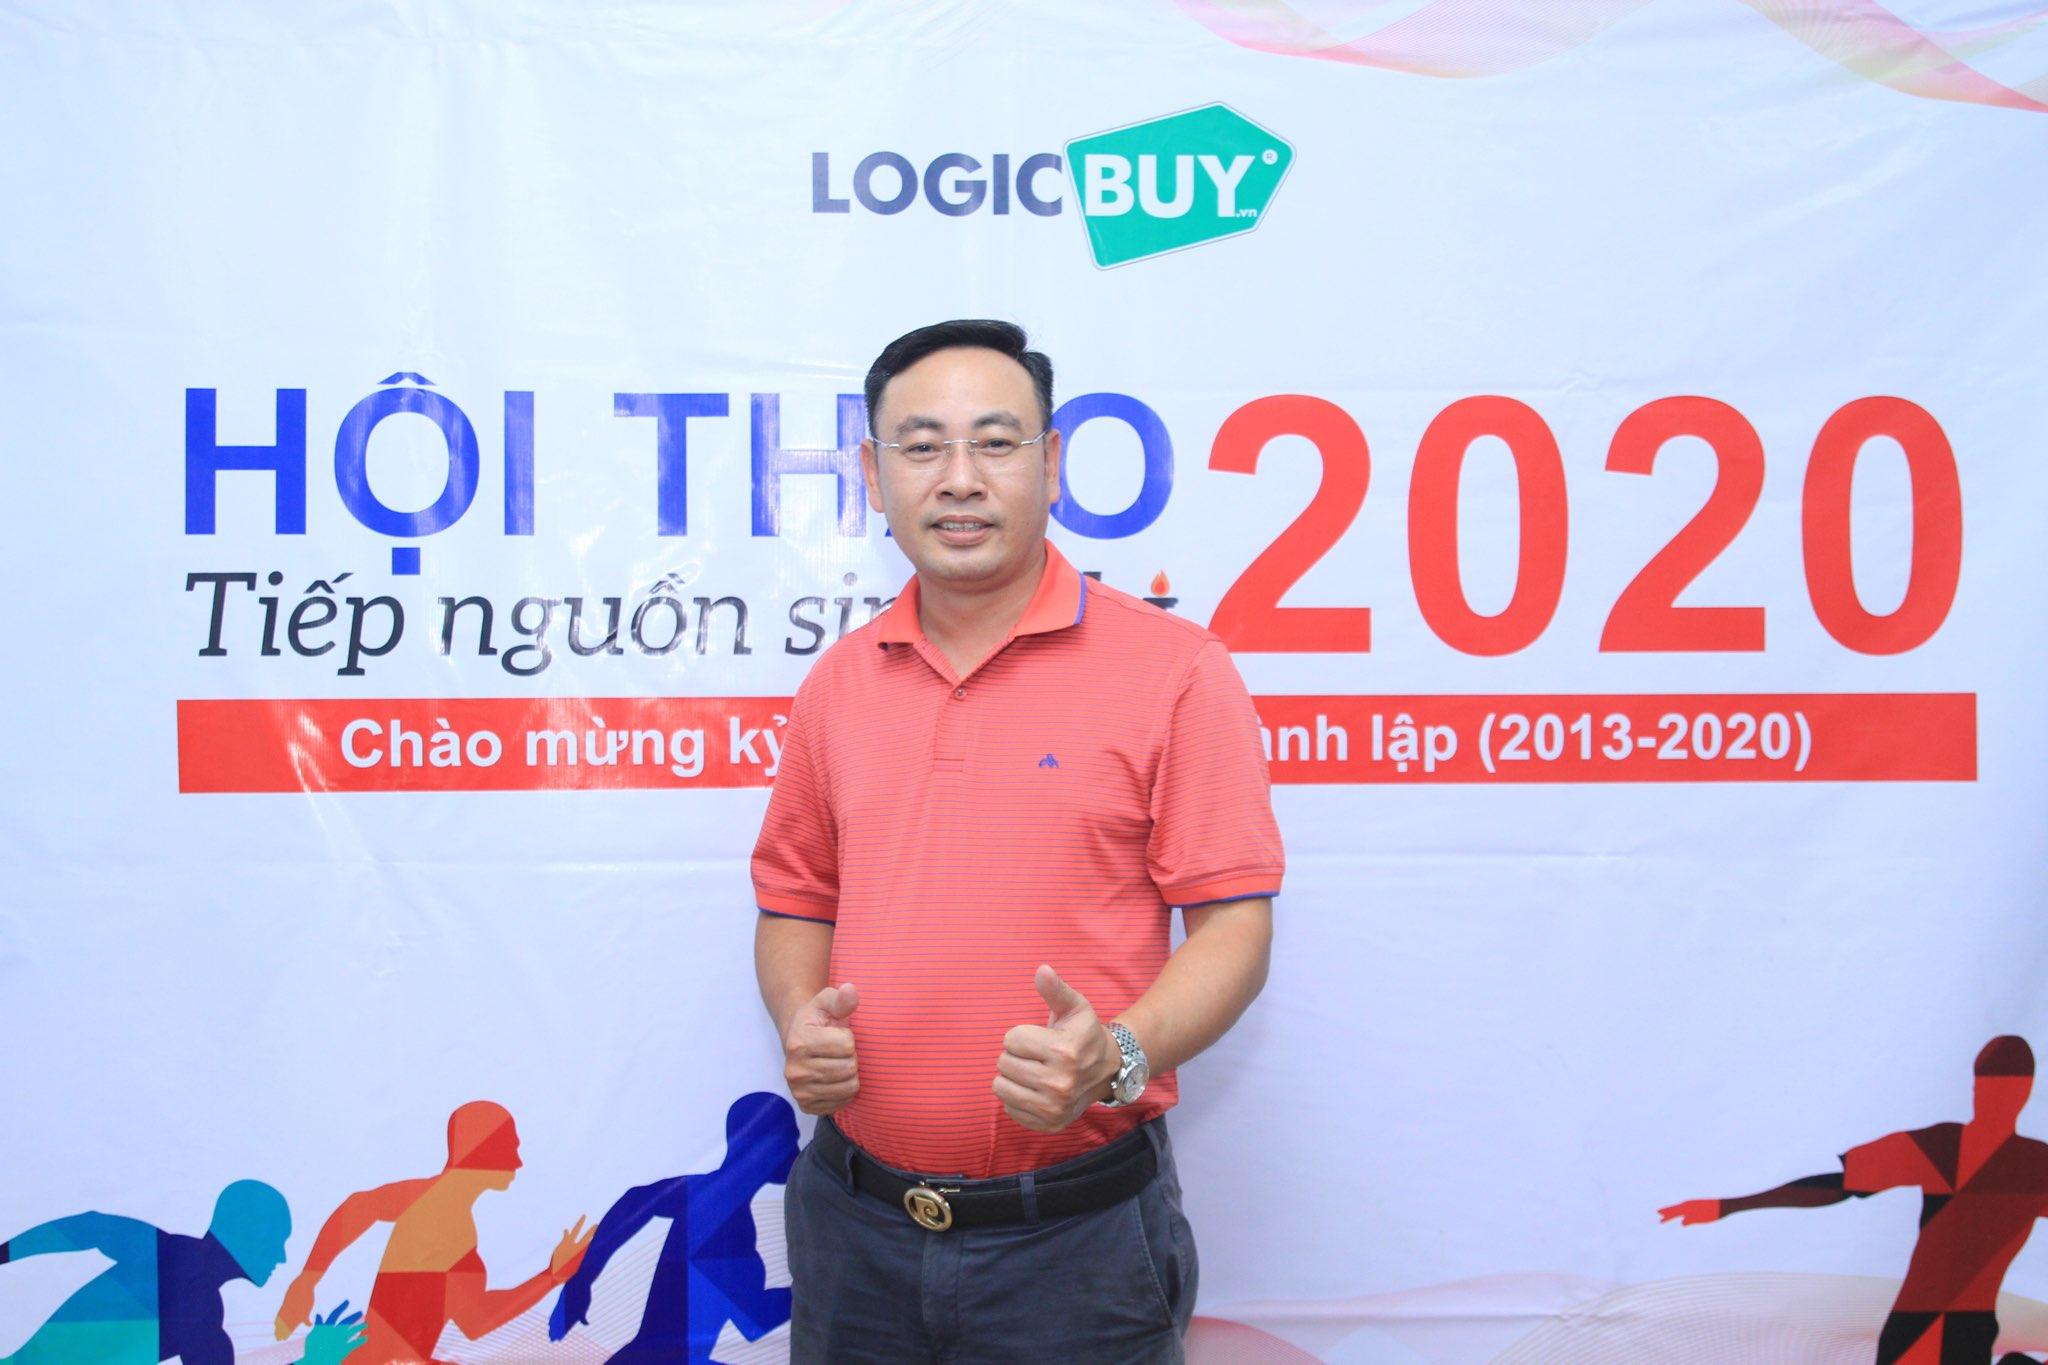 Chào mừng Kỷ niệm 7 năm thành lập LogicBUY